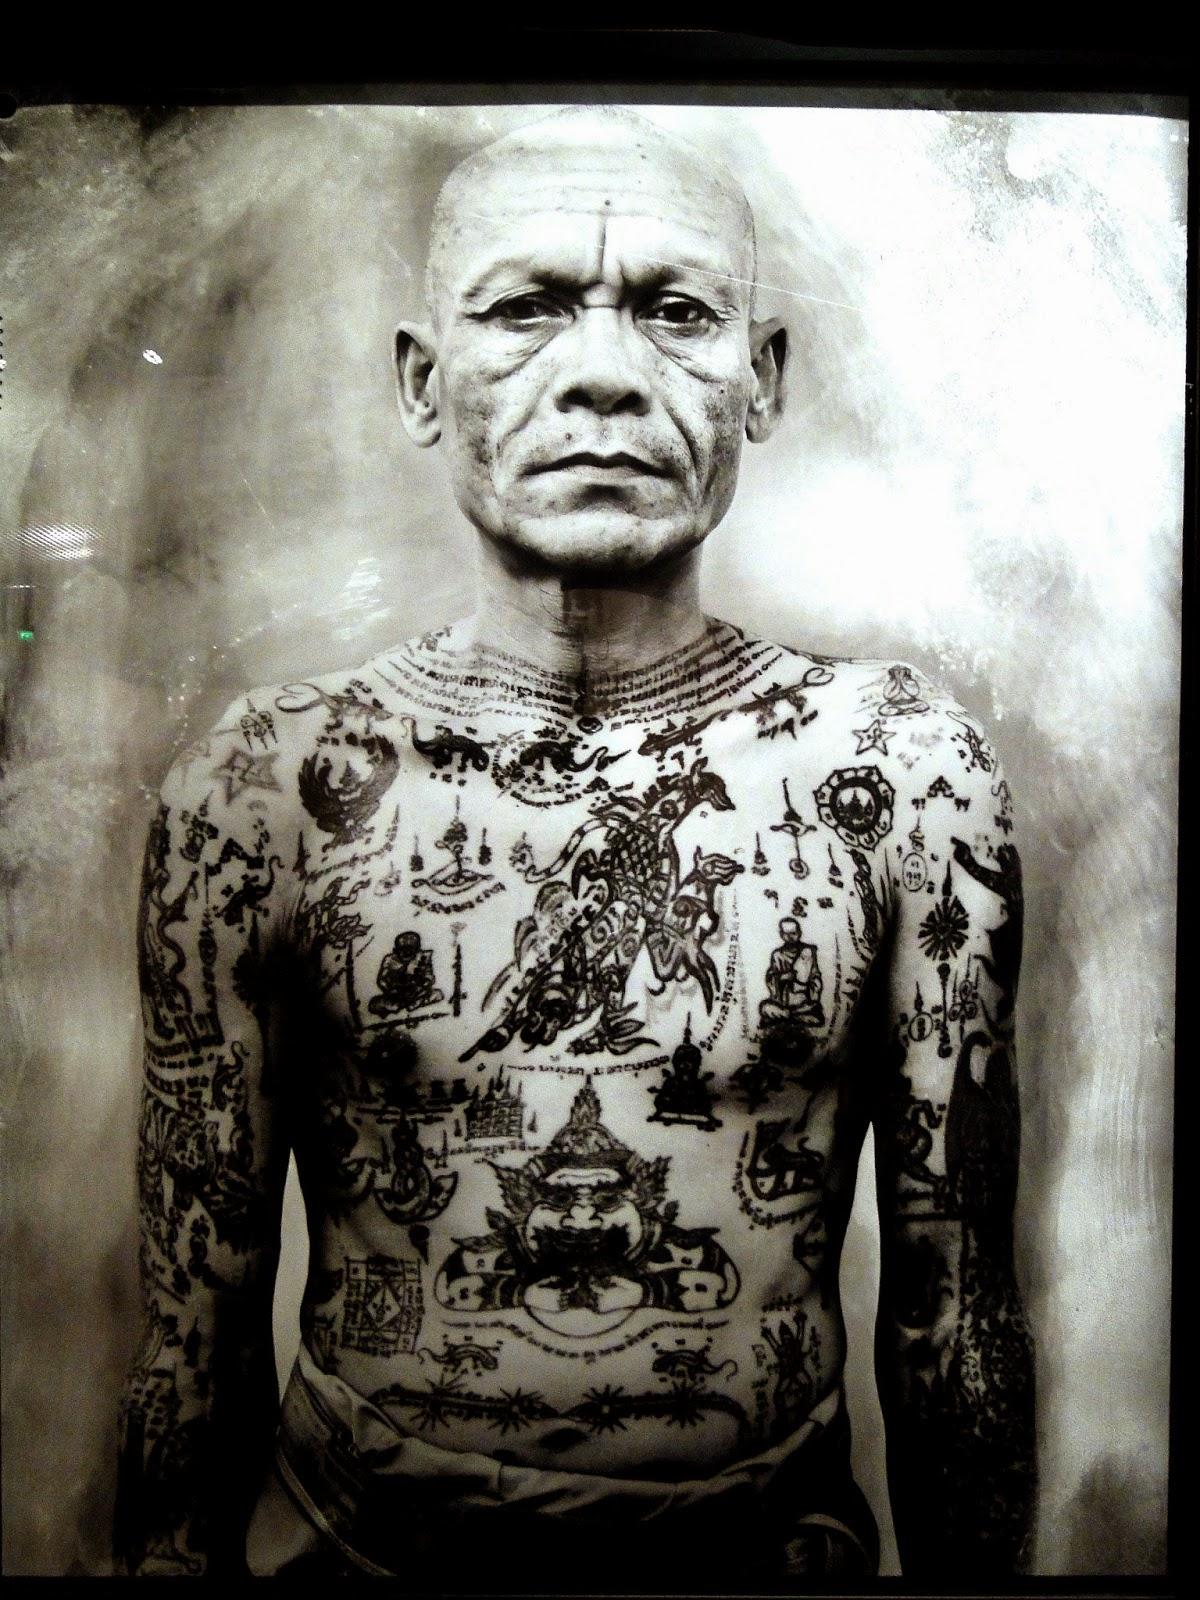 Comment Faire Un Tatouage Seul - Le tatouage sauvage à moindre risque